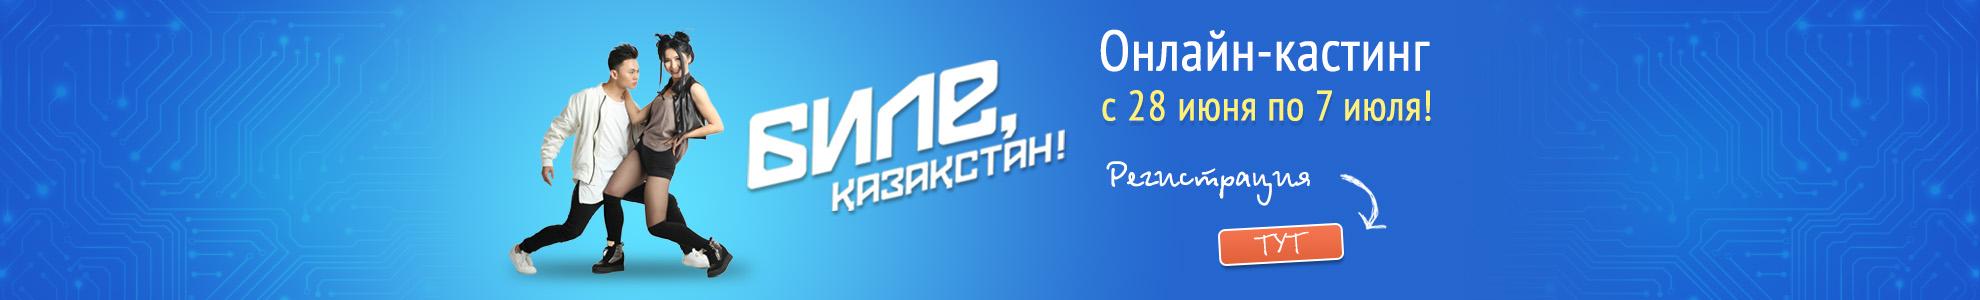 bile_kaz_ru